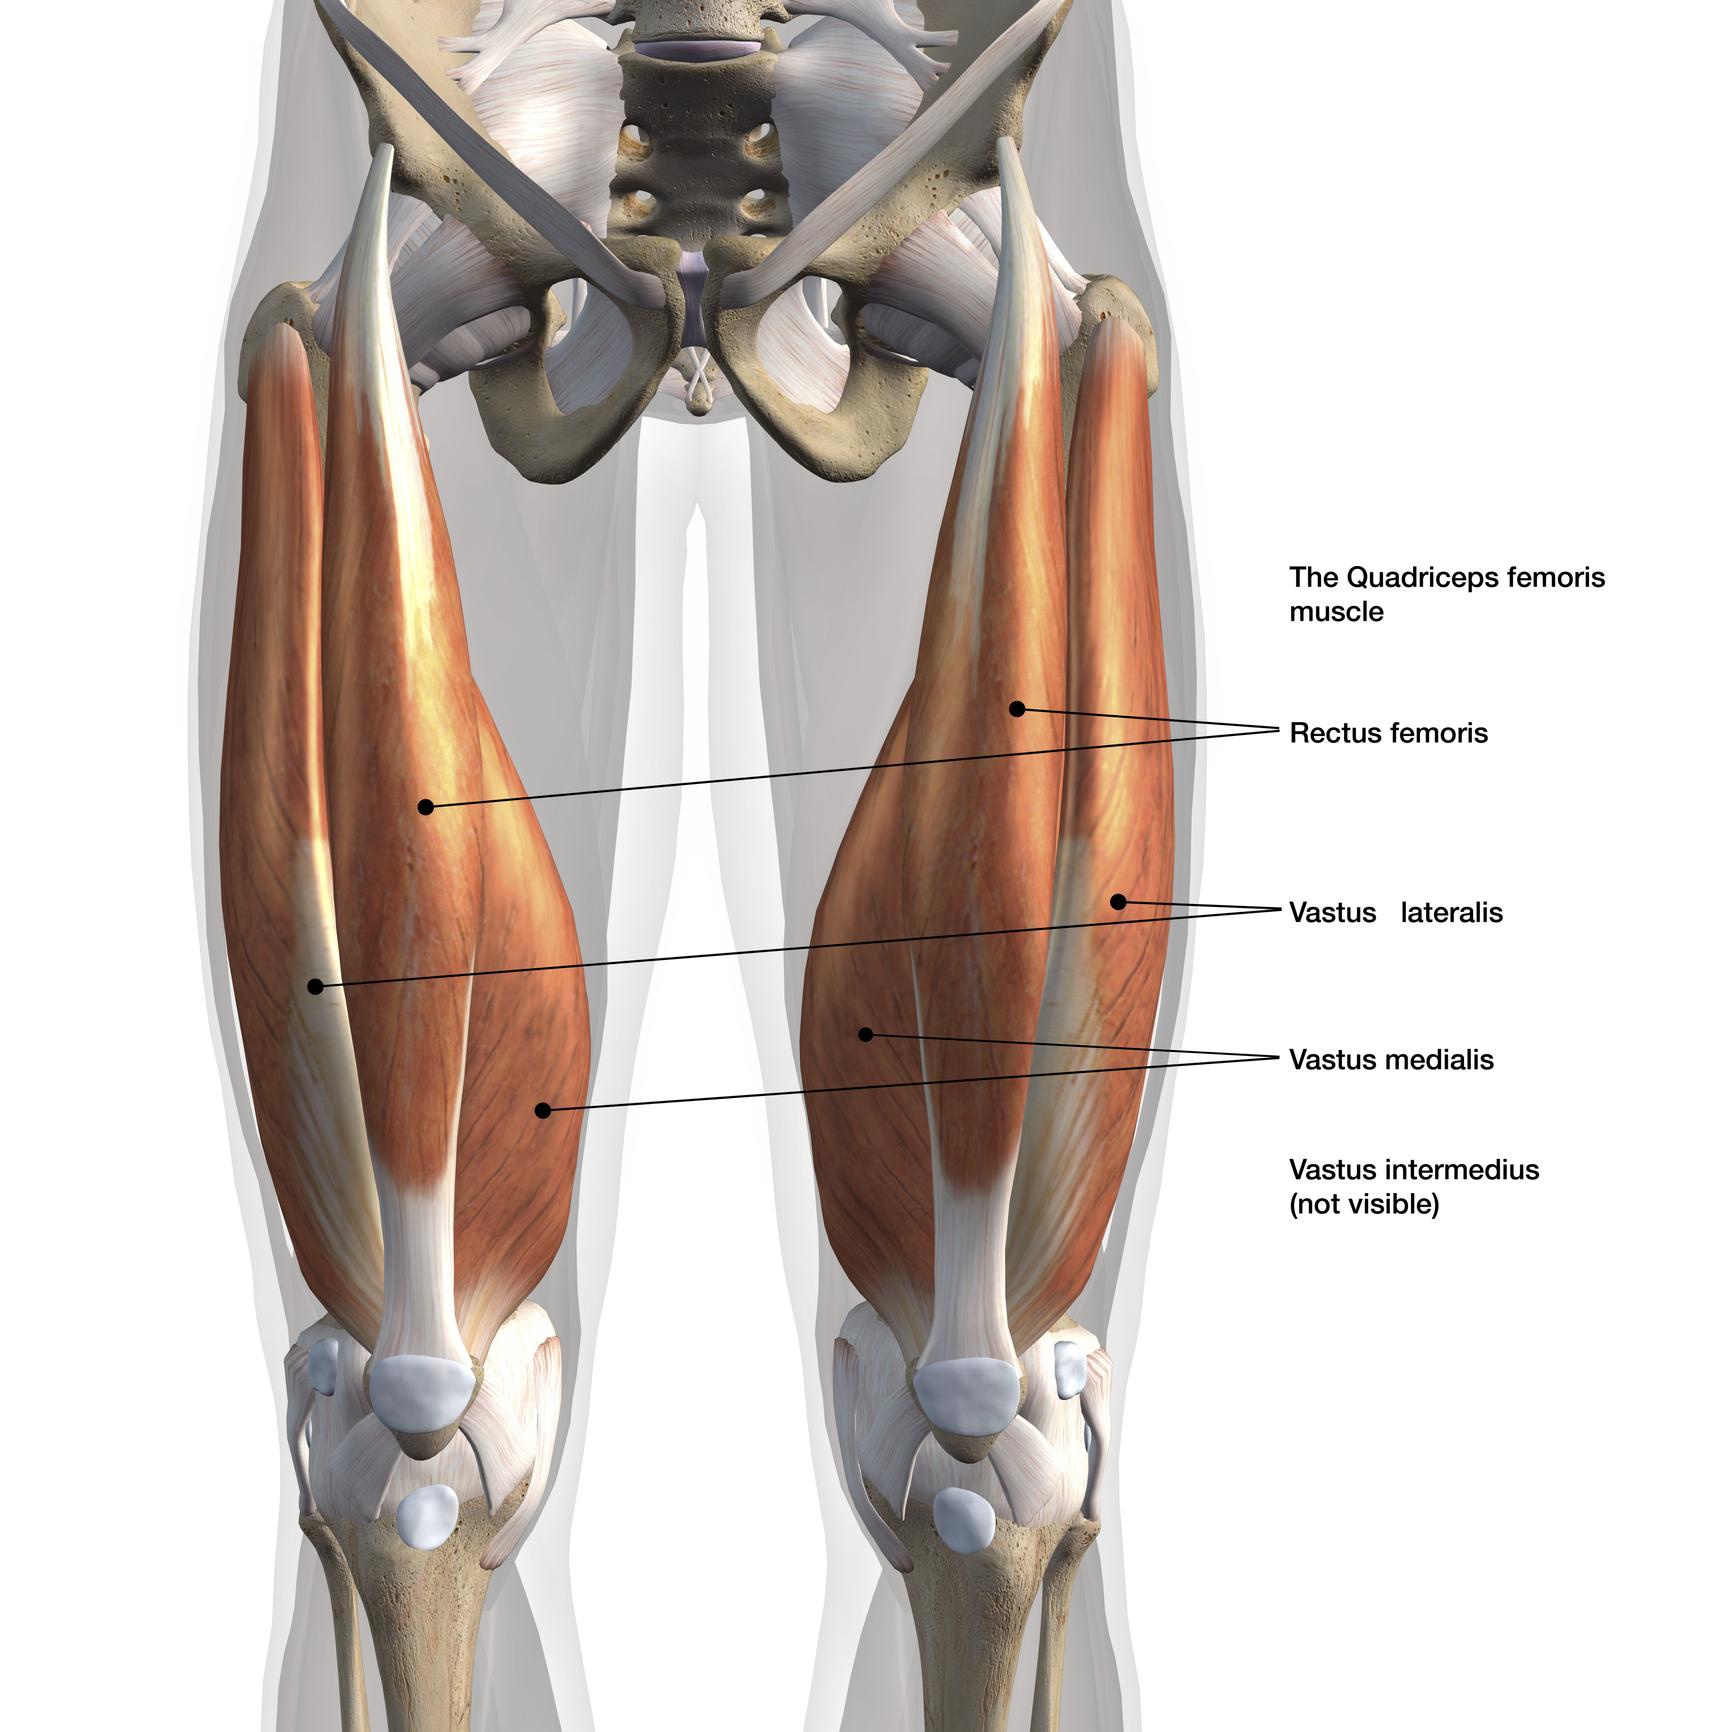 Les Quadriceps Anatomie Et Musculation Blog Eric Favre